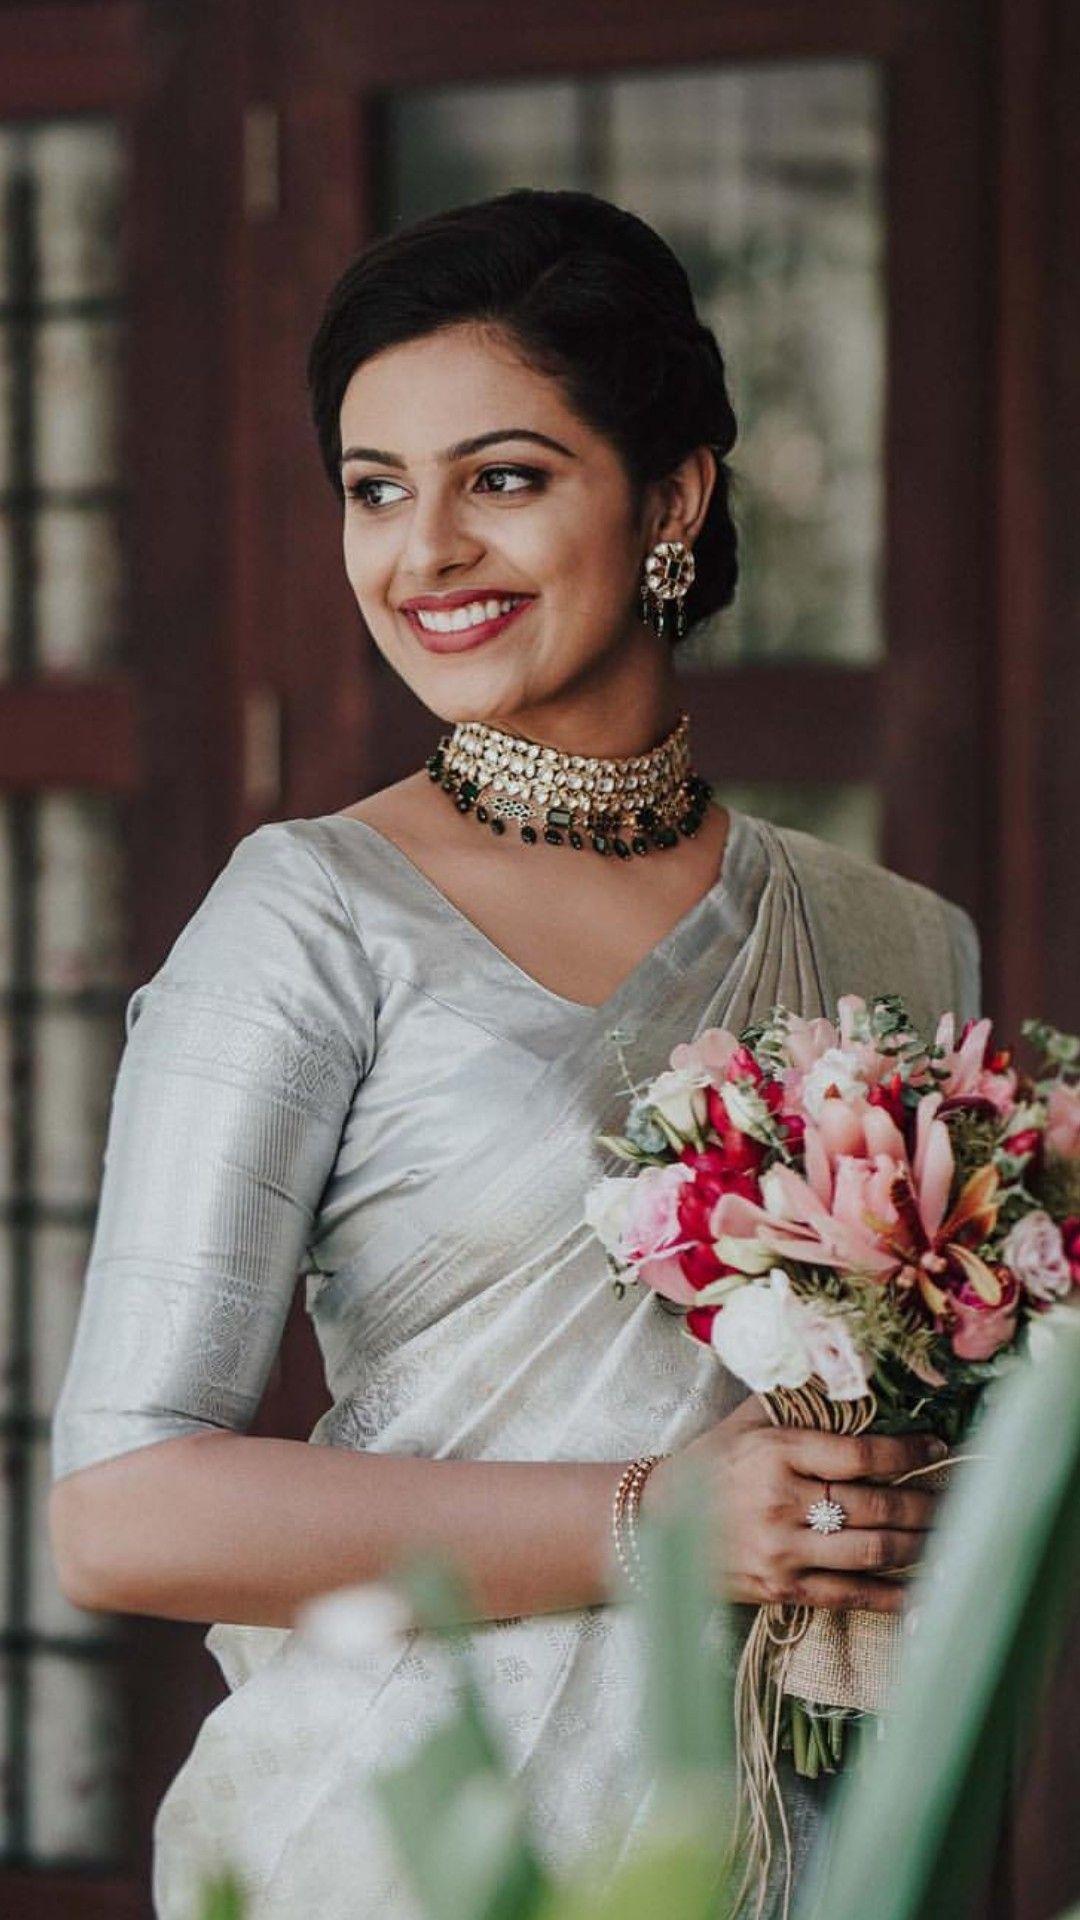 Laughingville Christian Bridal Saree Bridal Saree Kerala Wedding Saree